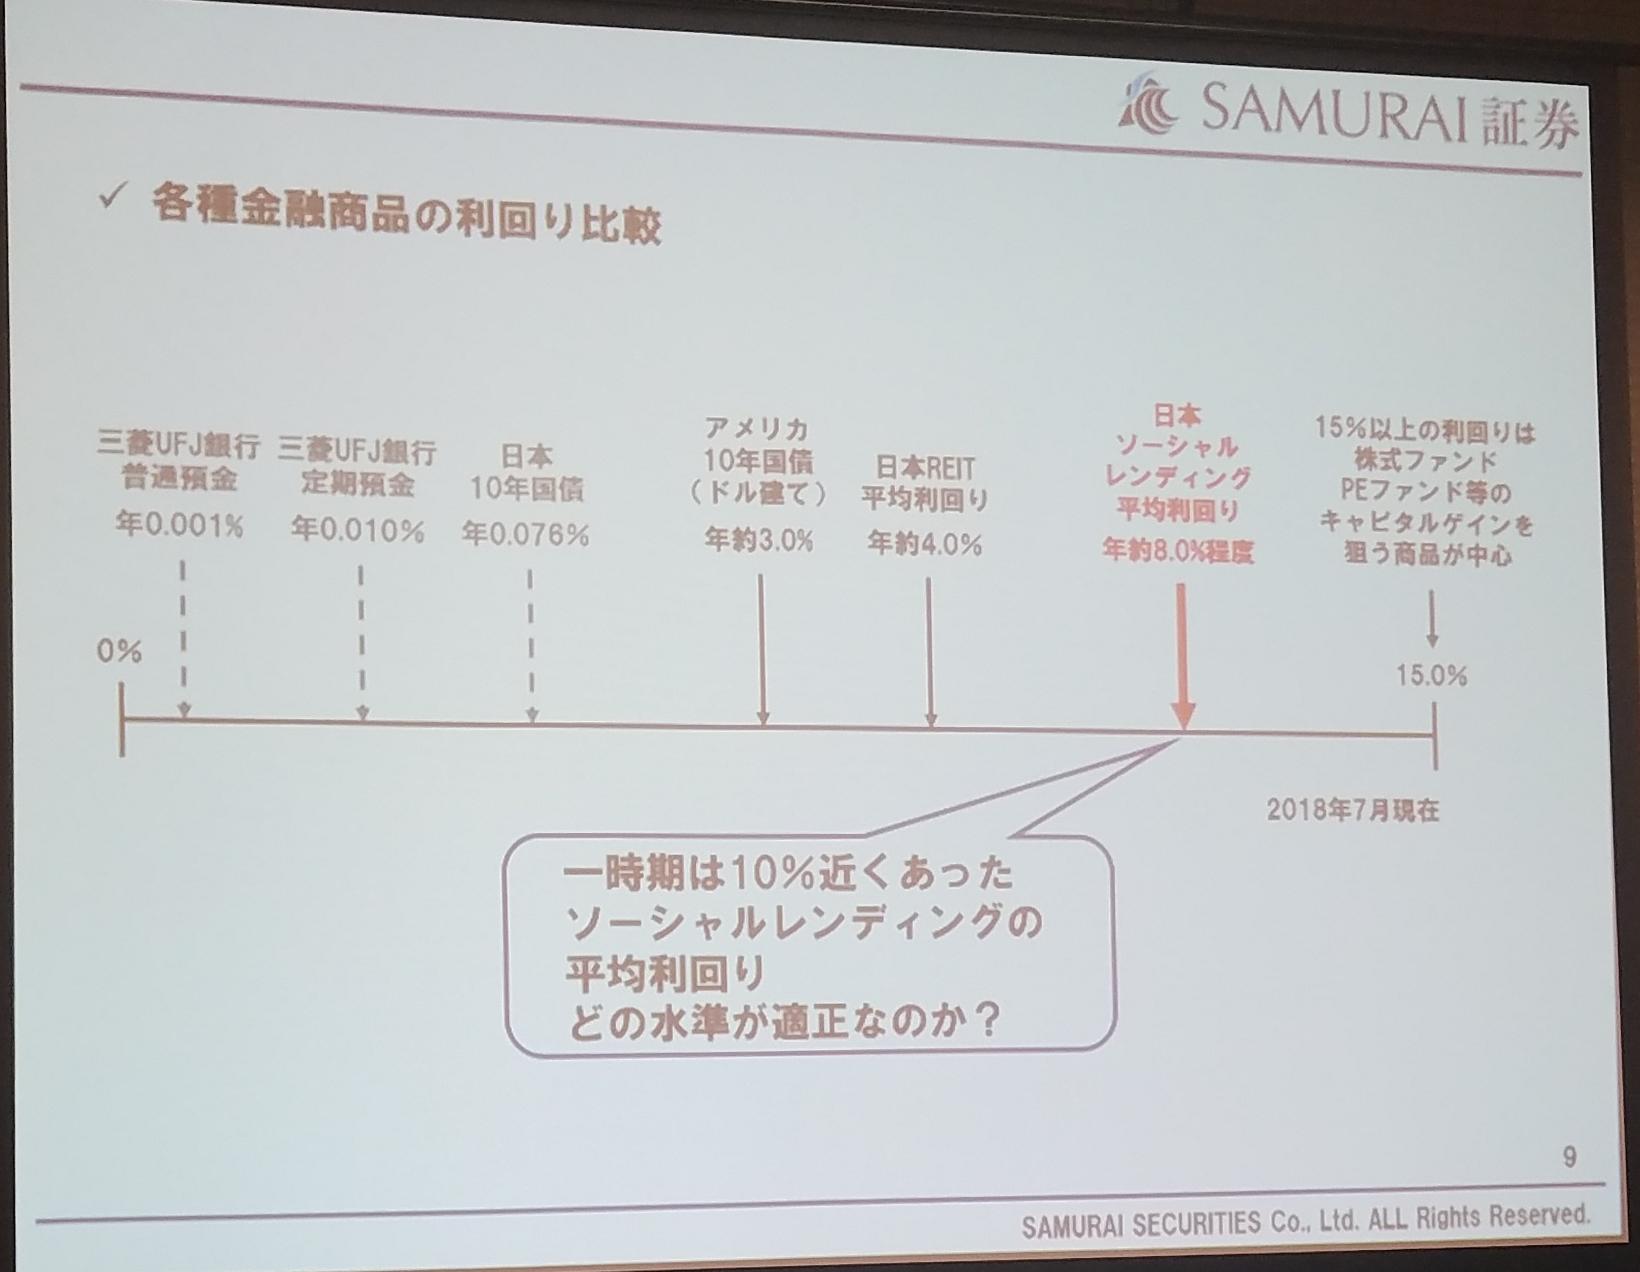 09_SAMURAIセミナー参加報告20180727